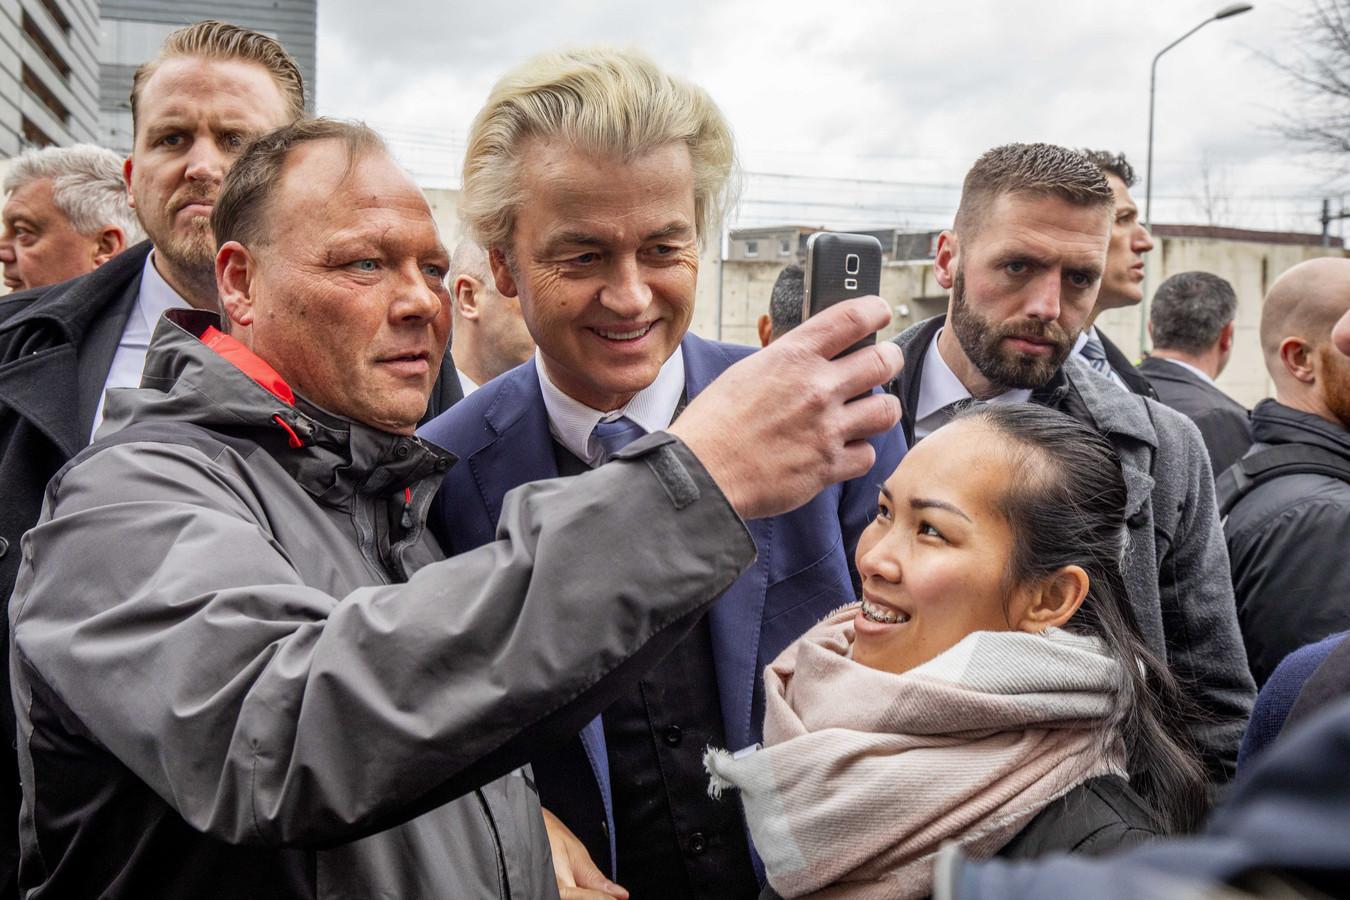 Geert Wilders gaat op de markt op de foto met een voorbijganger, 9 maart 2019. Kort daarvoor was Dickie J. aangehouden met bijl en messen.